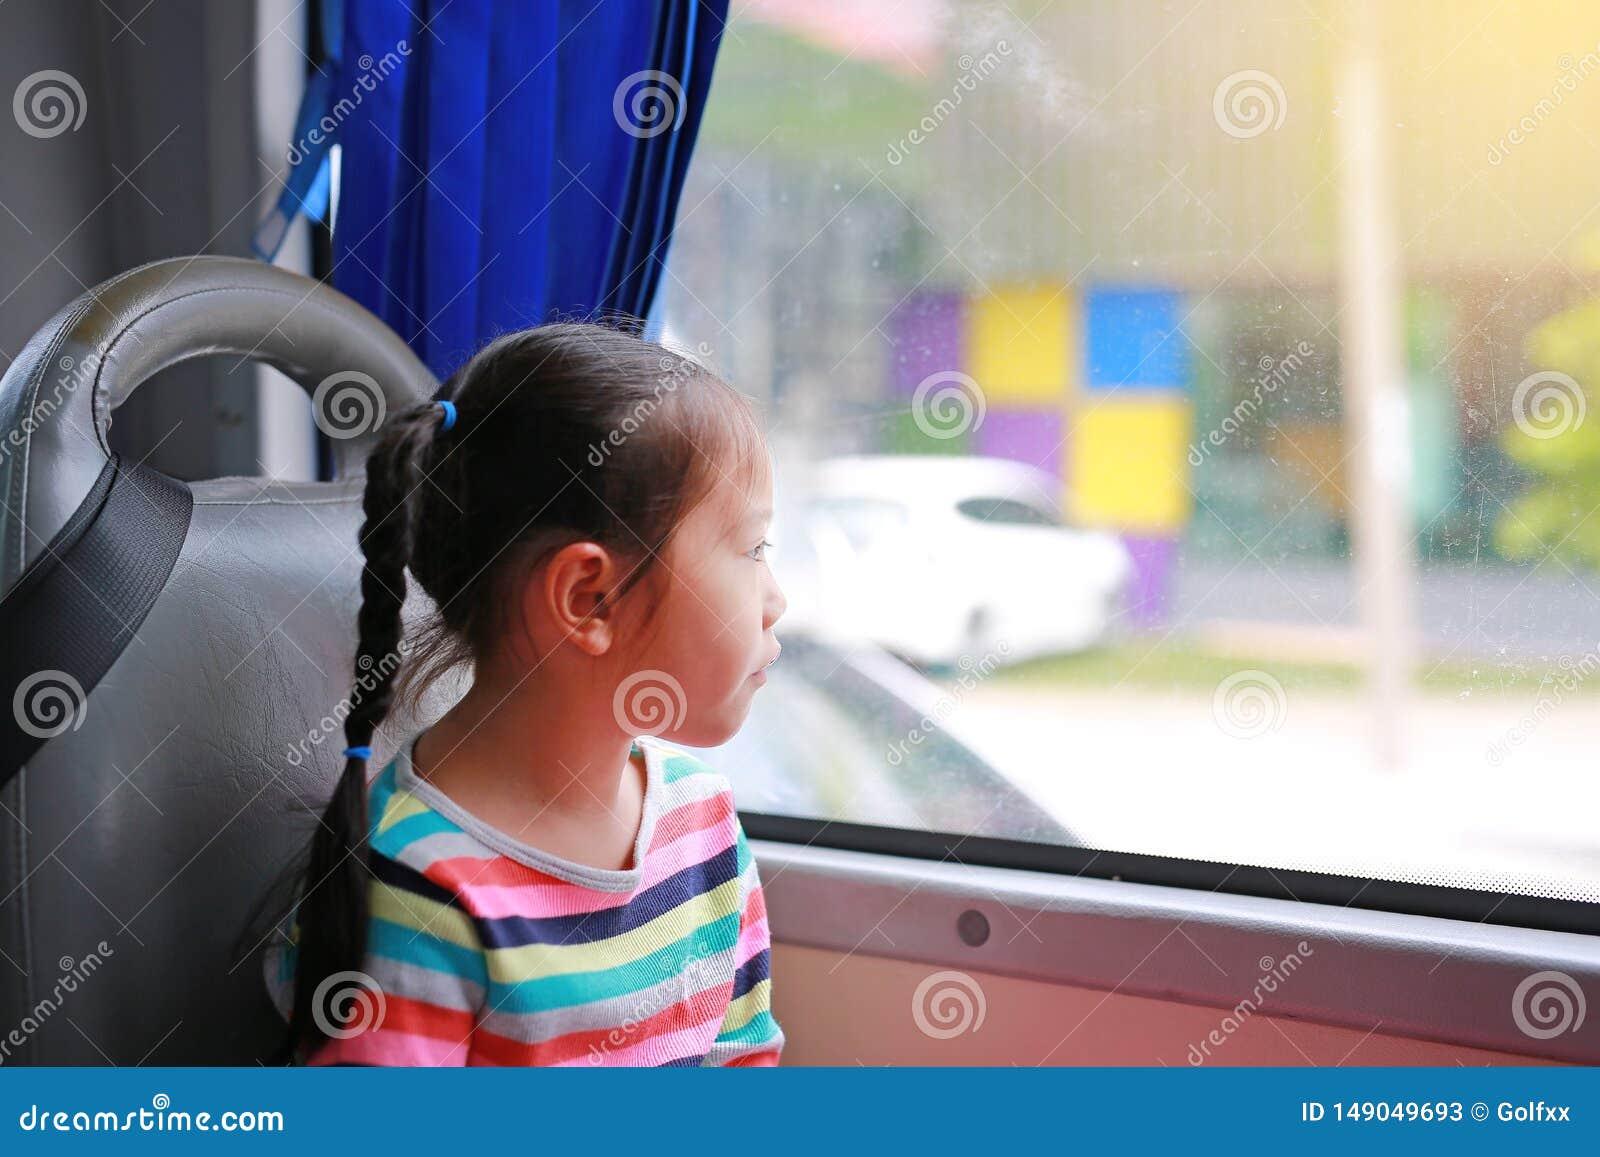 Λίγη ασιατική συνεδρίαση κοριτσιών στο λεωφορείο δημόσιων συγκοινωνιών και κοίταγμα έξω